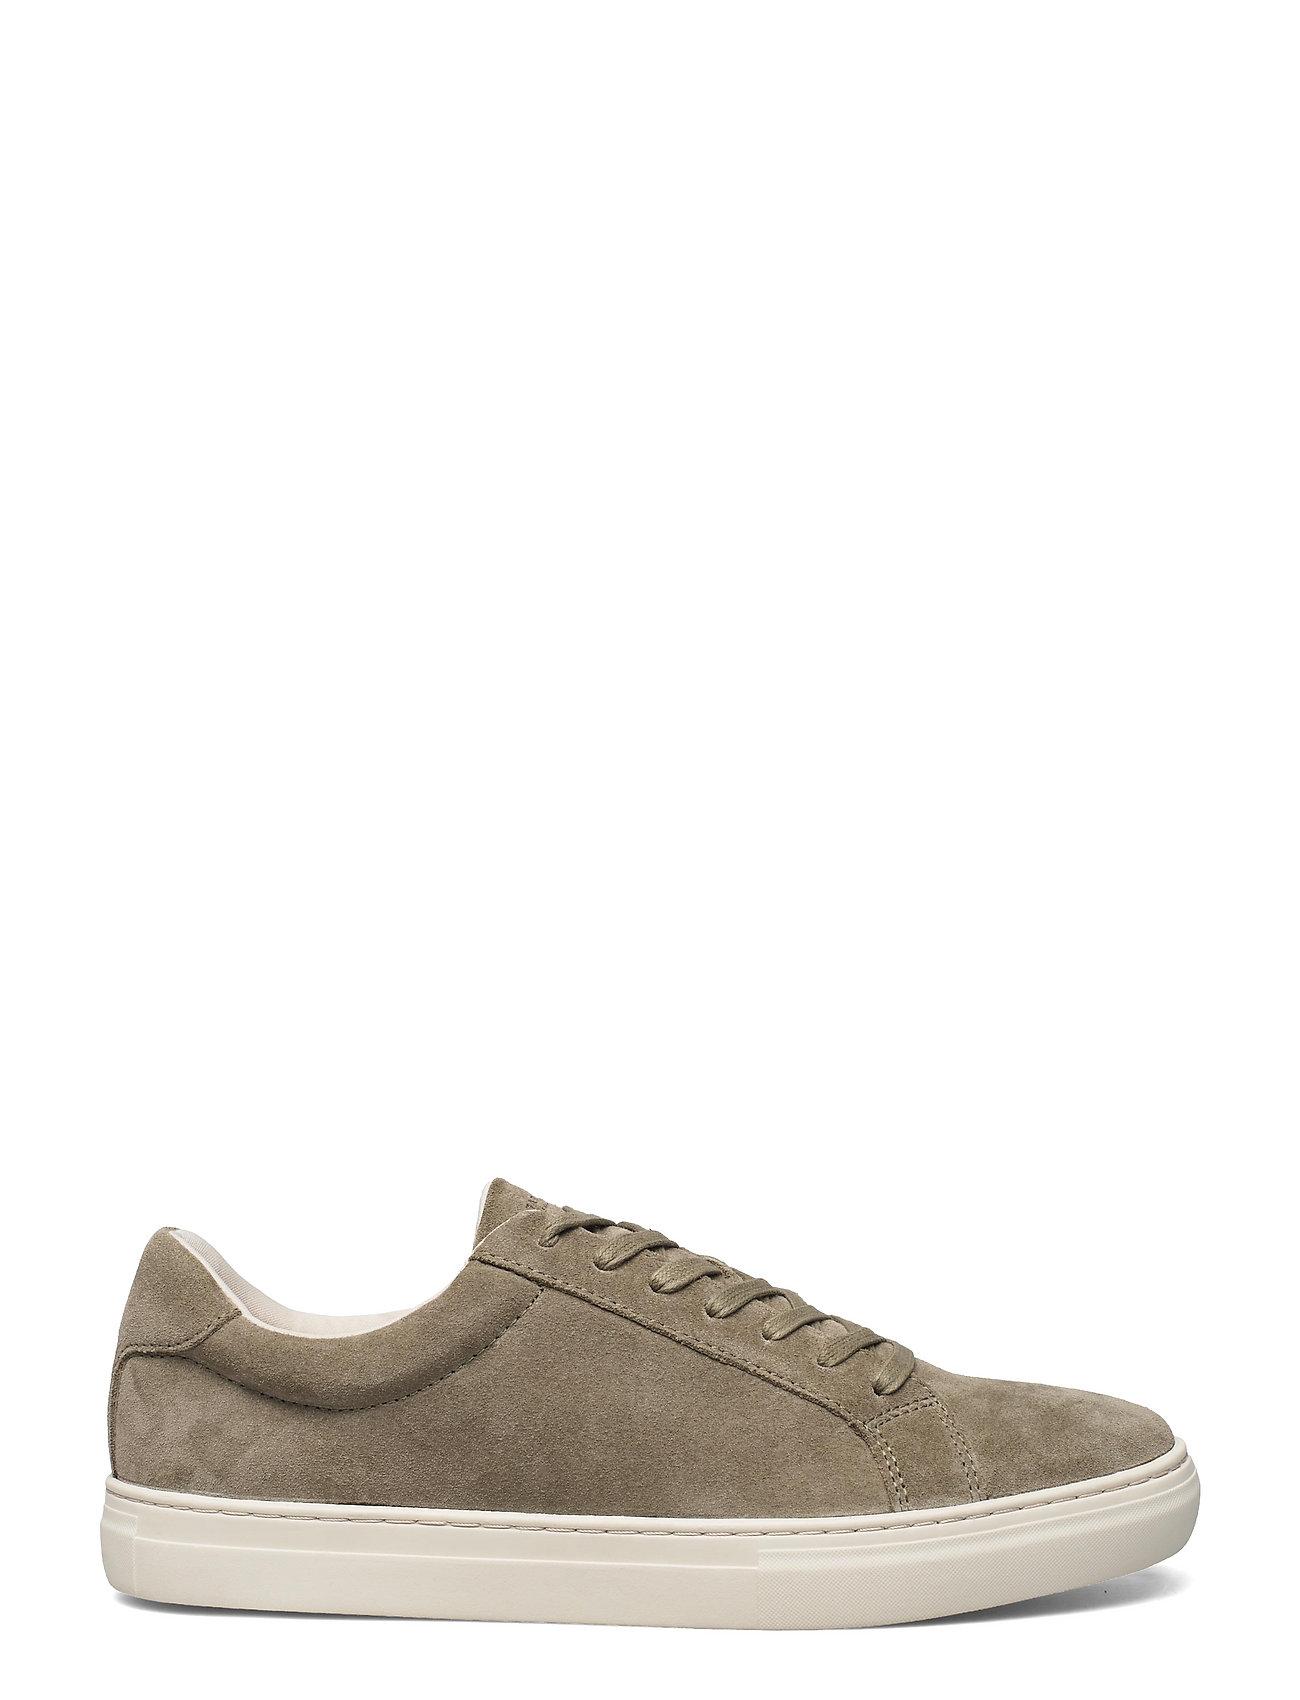 Image of Paul Low-top Sneakers Beige VAGABOND (3546302337)